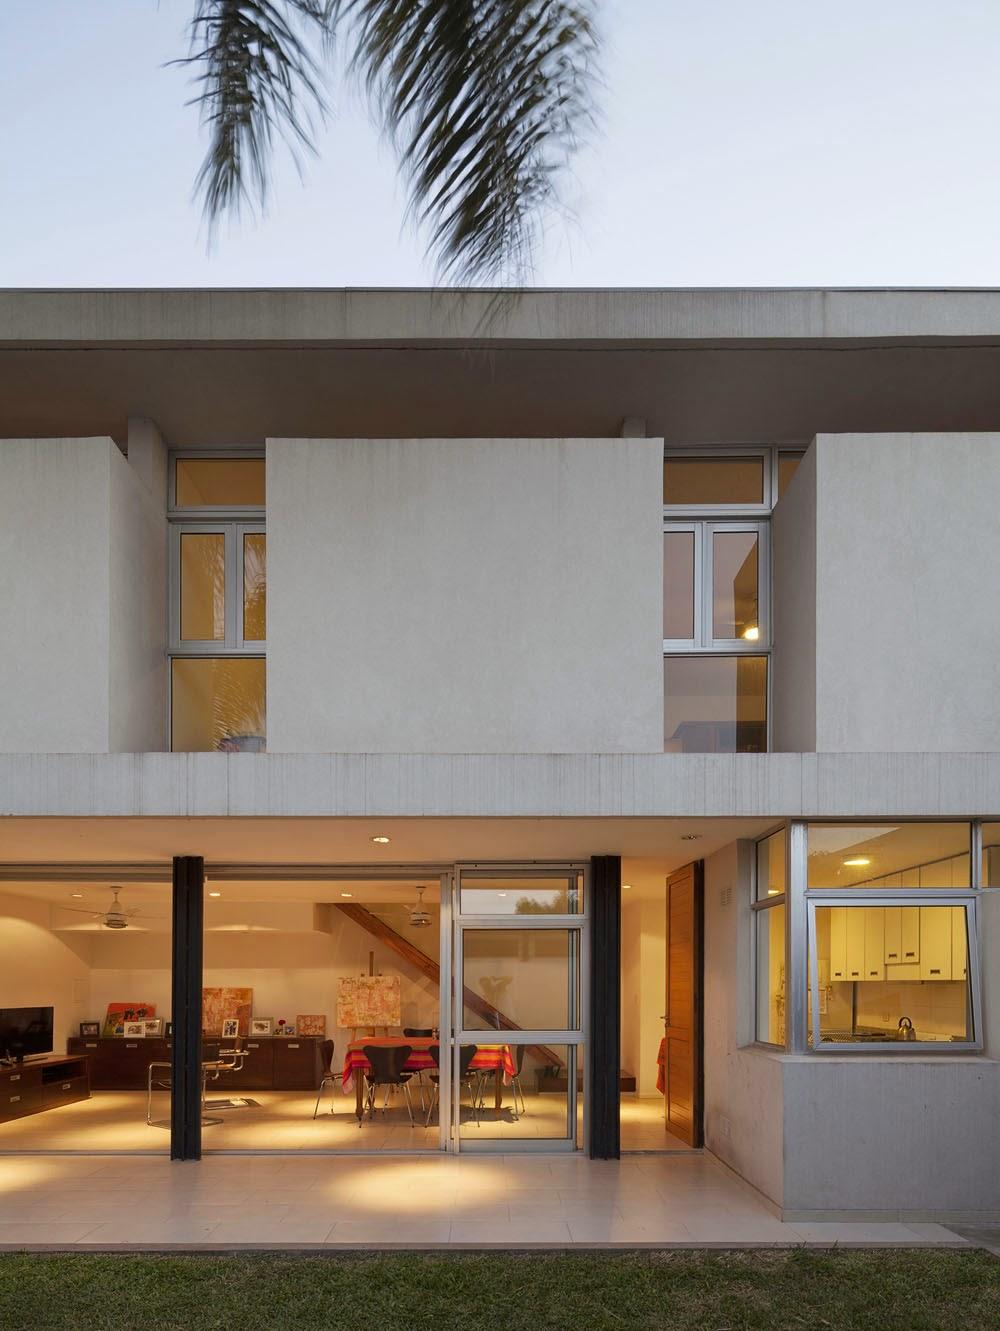 Desain Rumah 2 Lantai Minimalis Dengan Tata Letak Terbuka Yang